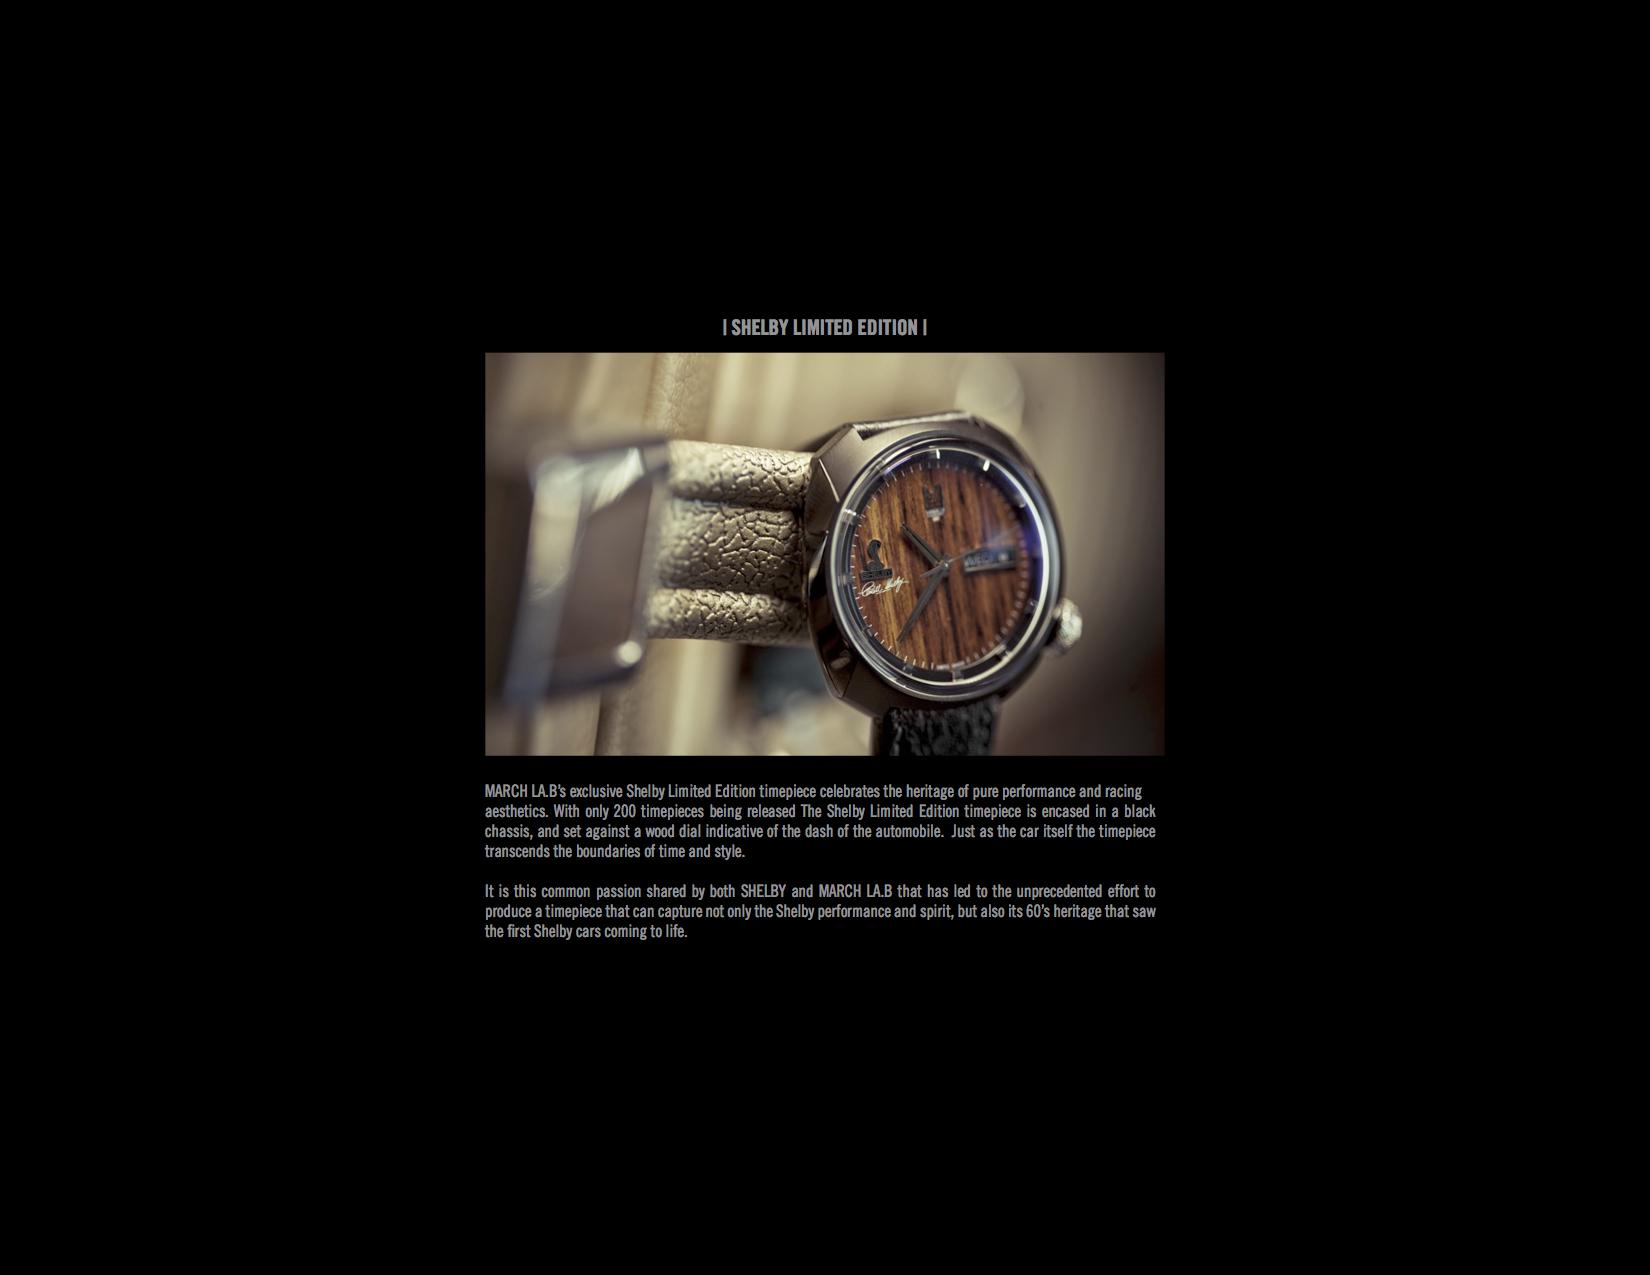 AM1_Shelby_Limited_EditionB.jpg